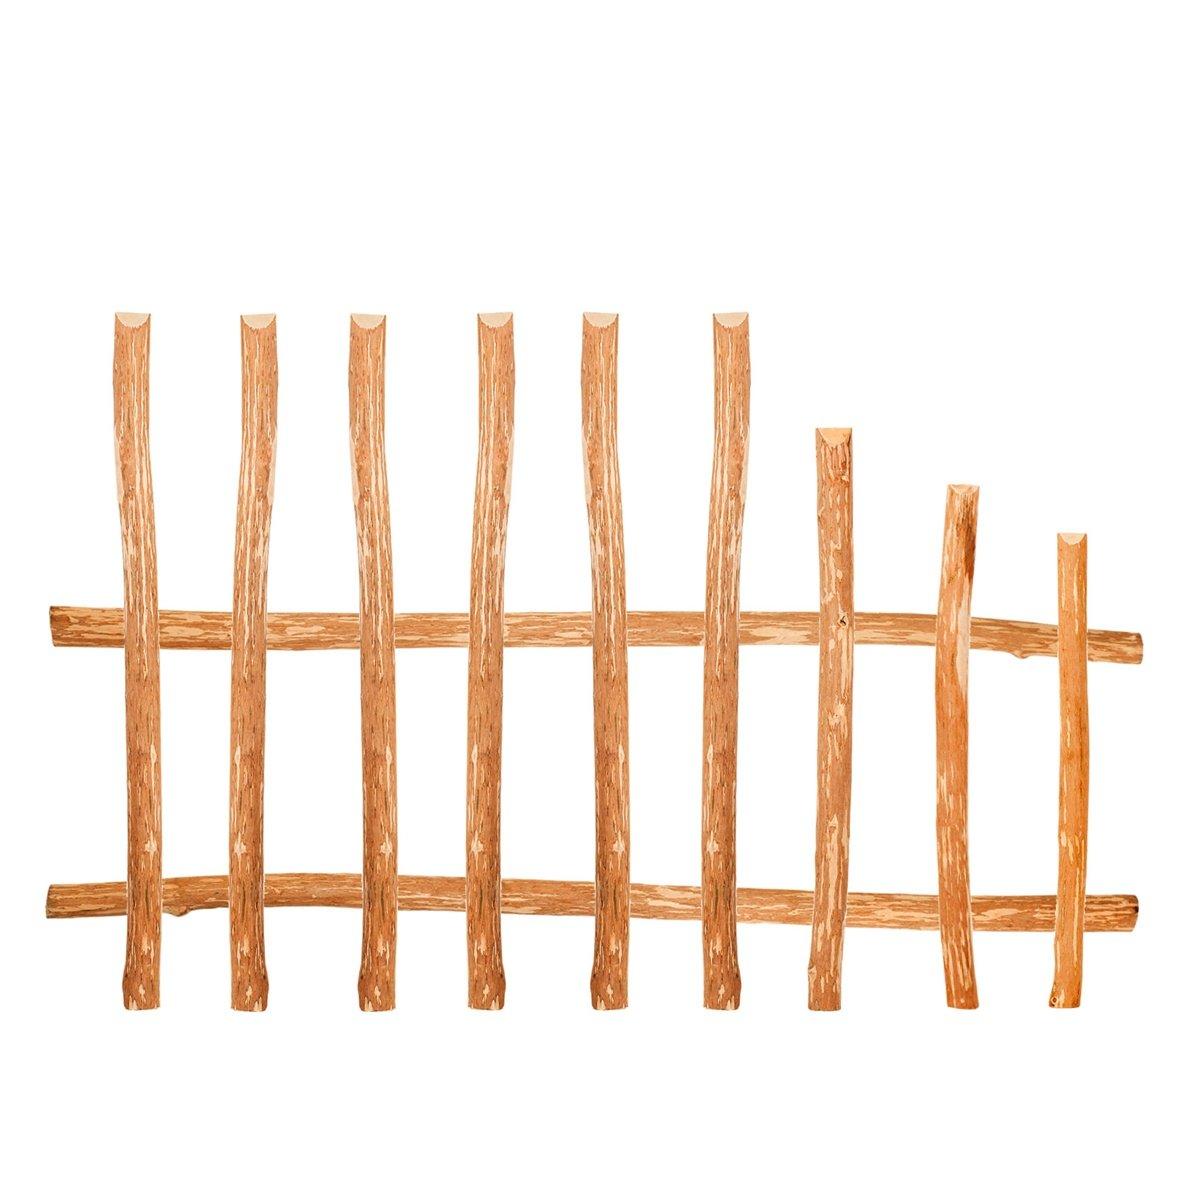 claire-voie Lattes de cl/ôture en planches de noisetier /• Planches de cl/ôture /à construire soi-m/ême pour cl/ôture en bois cl/ôture /à lattis oucl/ôture en ch/âtaigner. marron